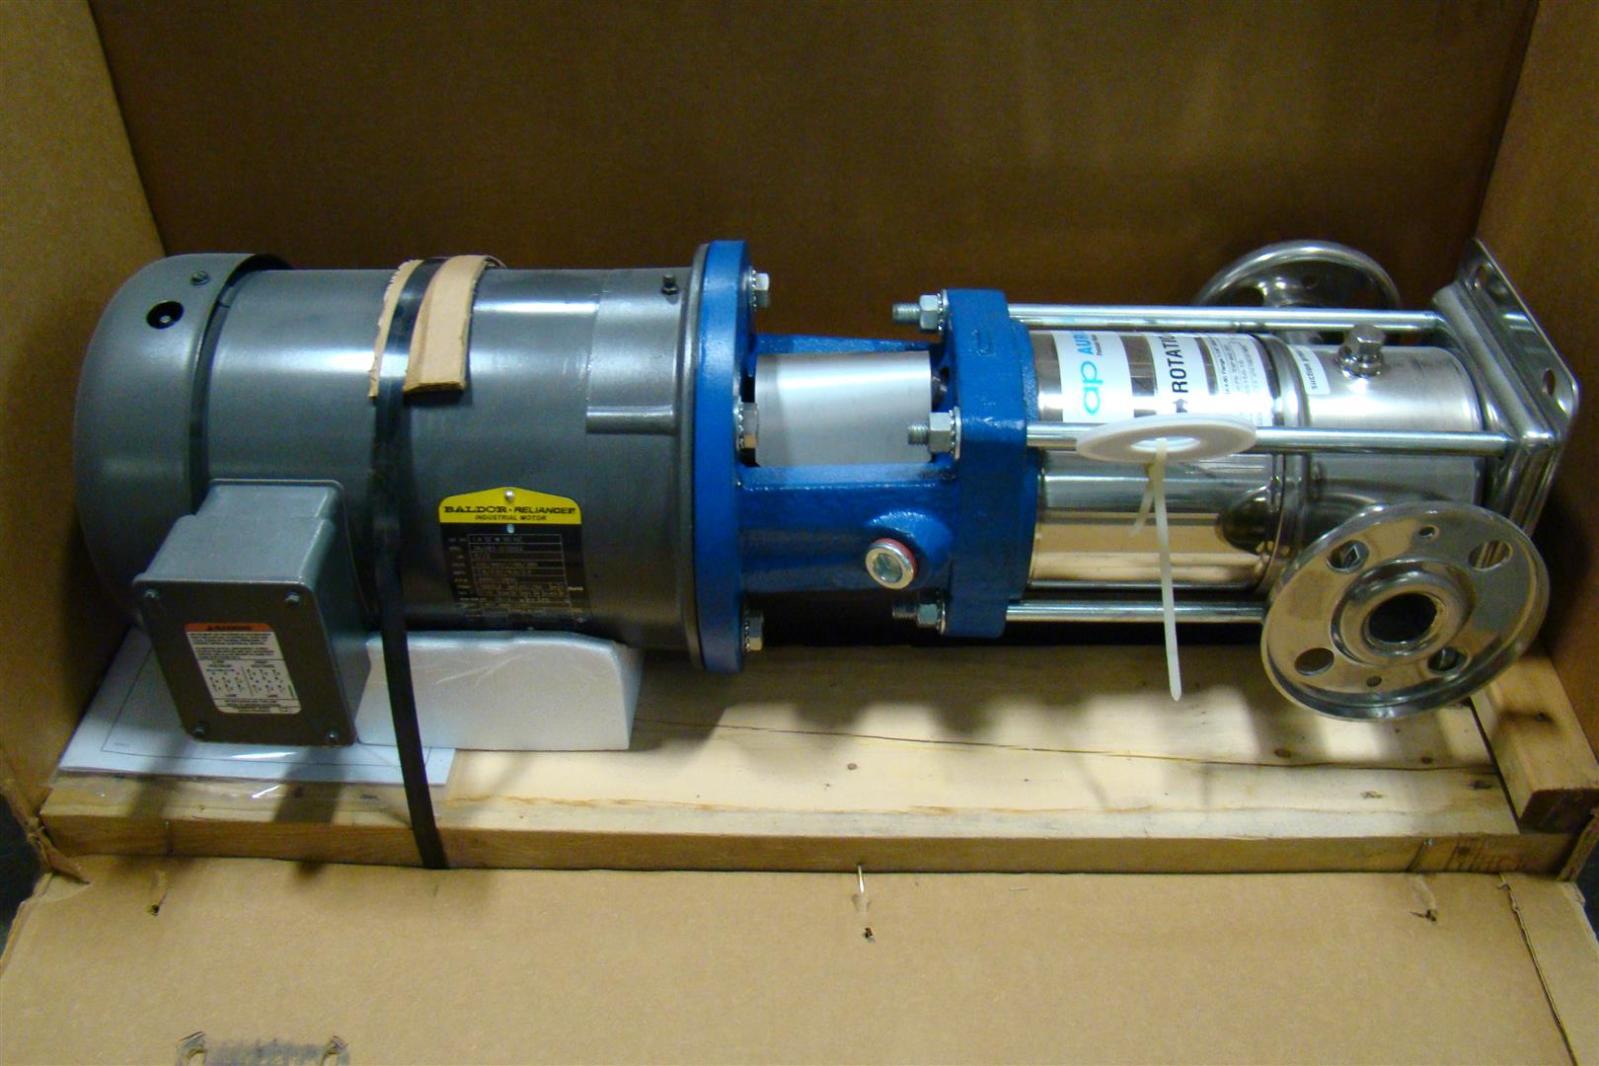 Ap aurora pentair water stainless pump pvm4i 60 1 1 4 3hp Baldor industrial motor pump